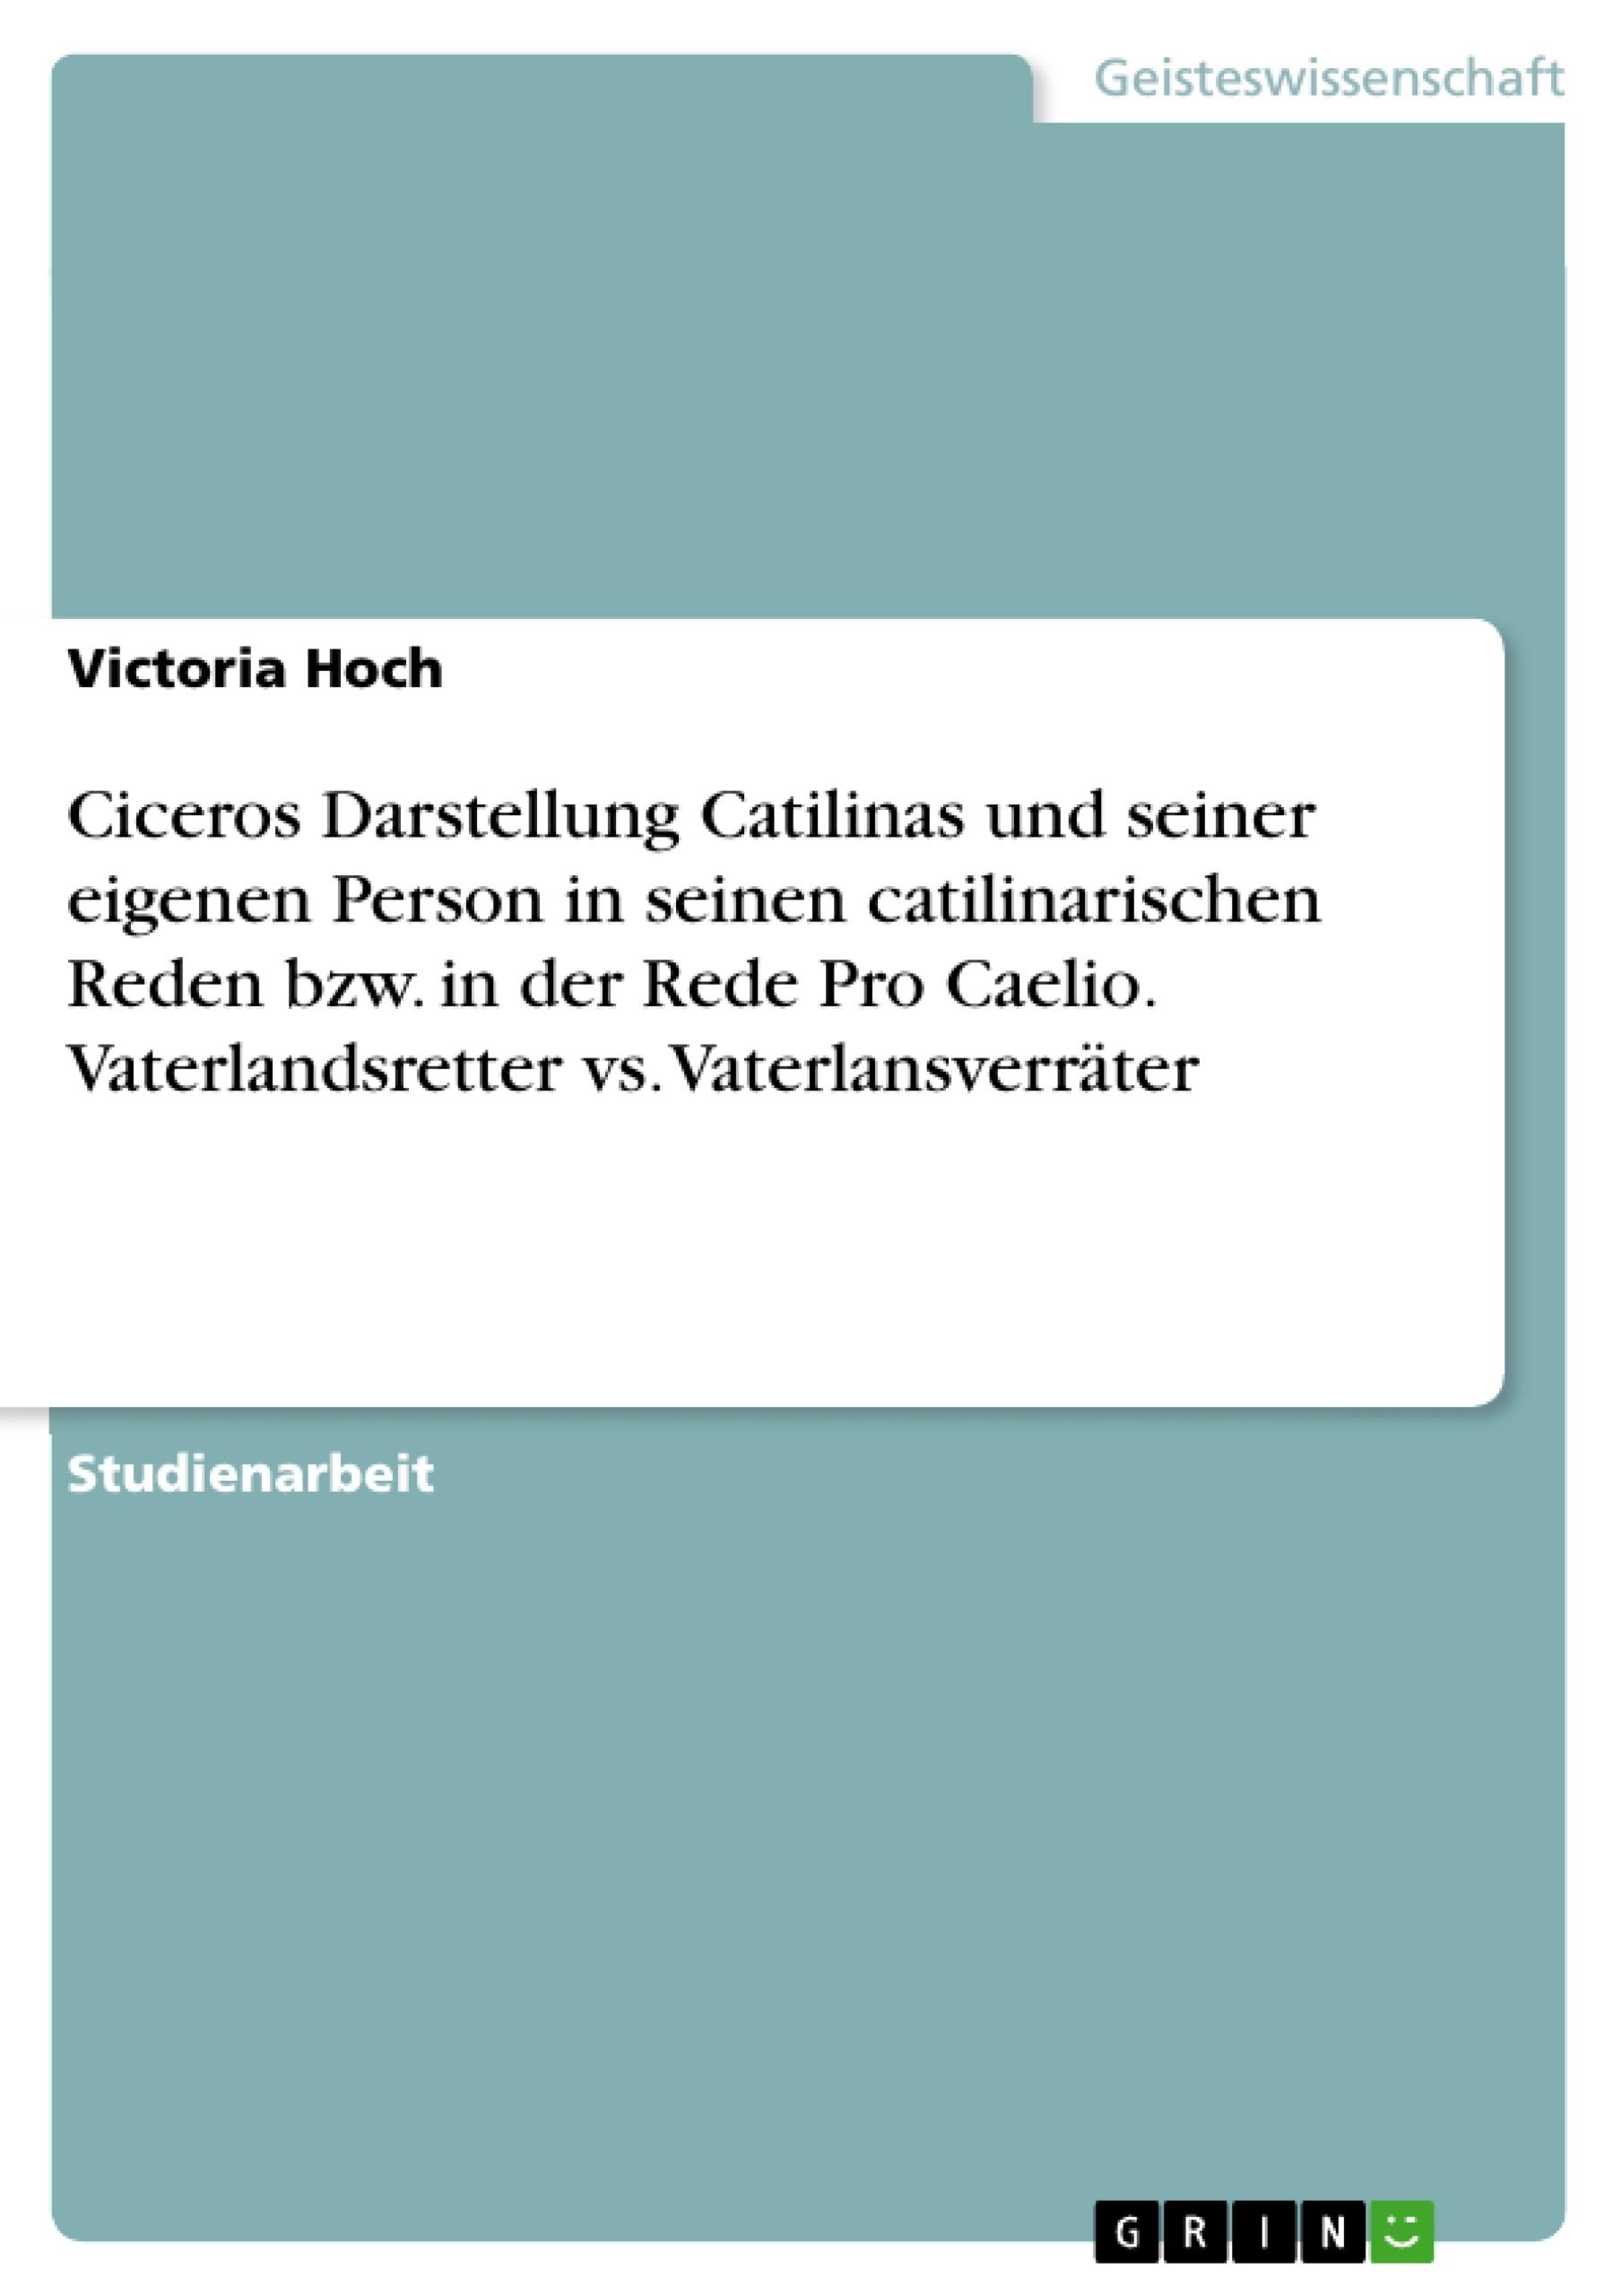 Titel: Ciceros Darstellung Catilinas und seiner eigenen Person in seinen catilinarischen Reden bzw. in der Rede Pro Caelio. Vaterlandsretter vs. Vaterlansverräter